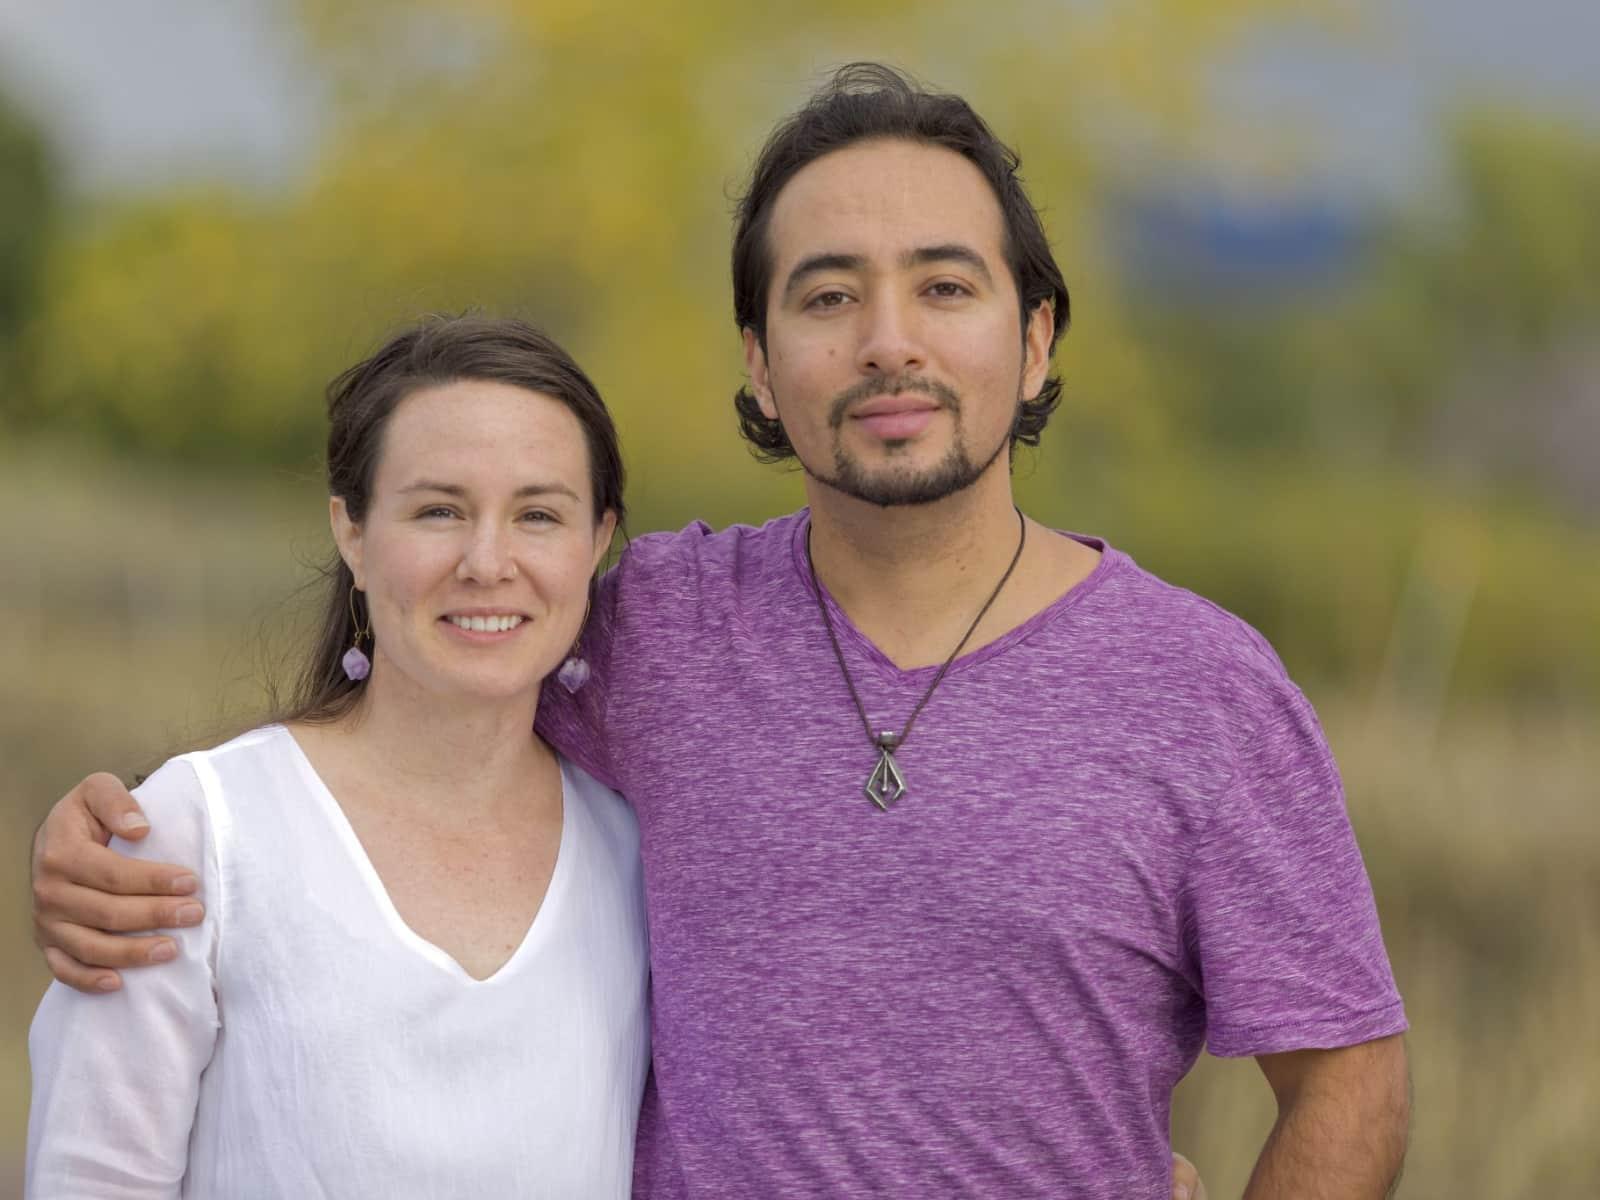 Antonio & Georgia from Longmont, Colorado, United States